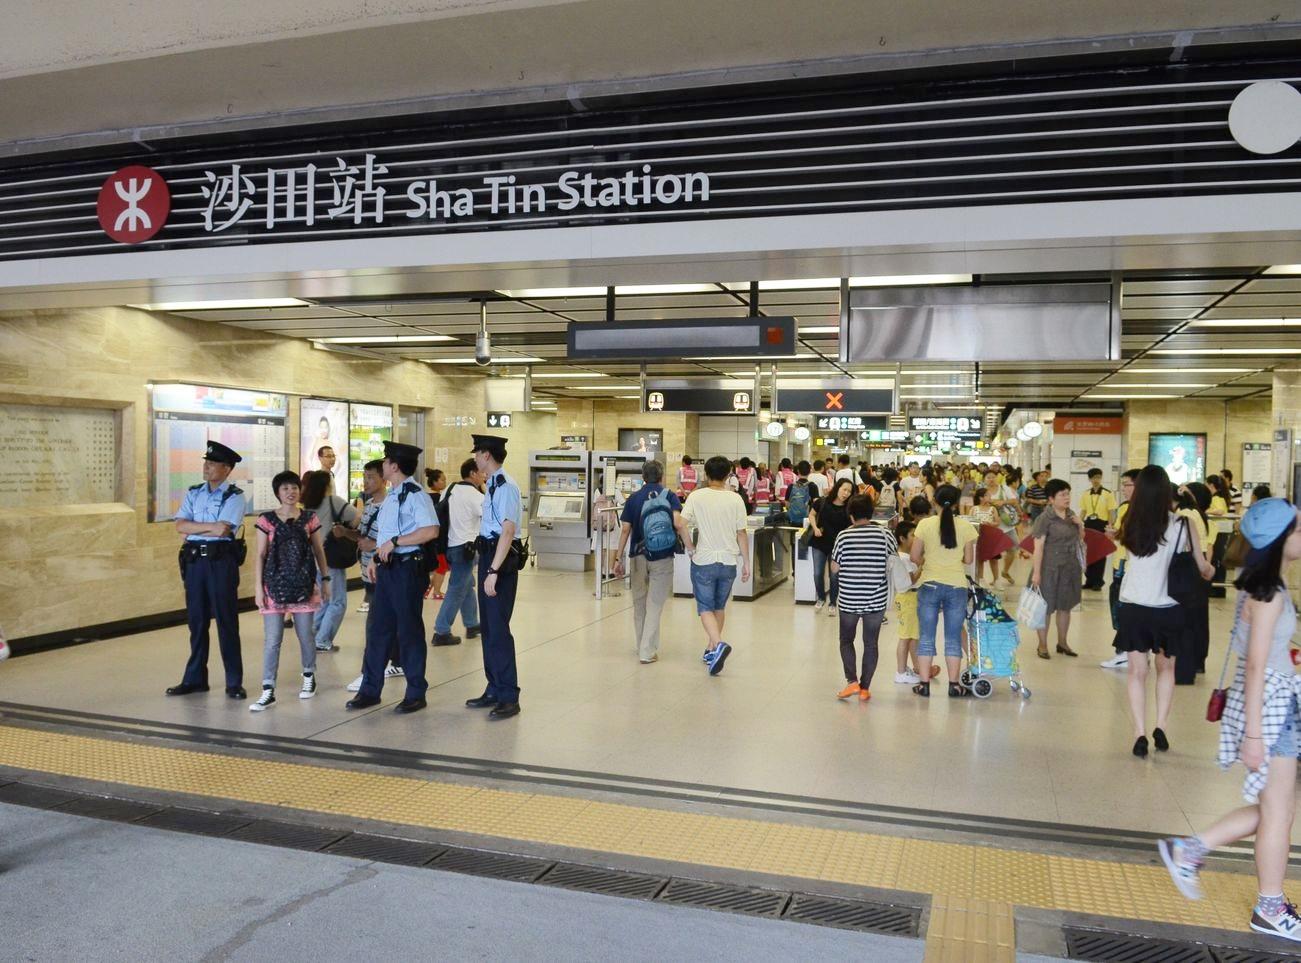 港鐵沙田站3號月臺有人進入路軌 列車服務受阻